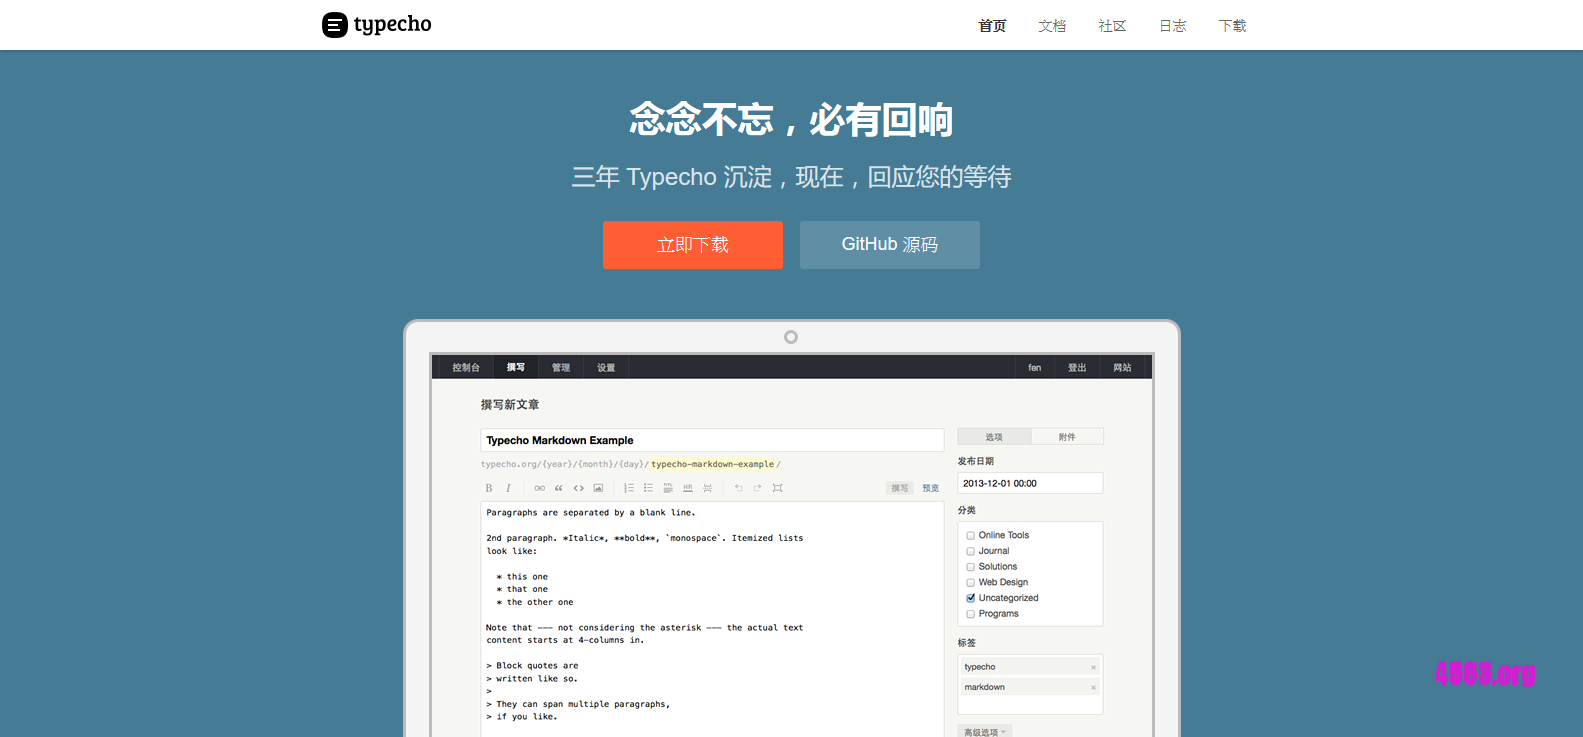 小内存VPS安装Caddy+PHP 7+Sqlite 3环境,并快速搭建Typecho博客